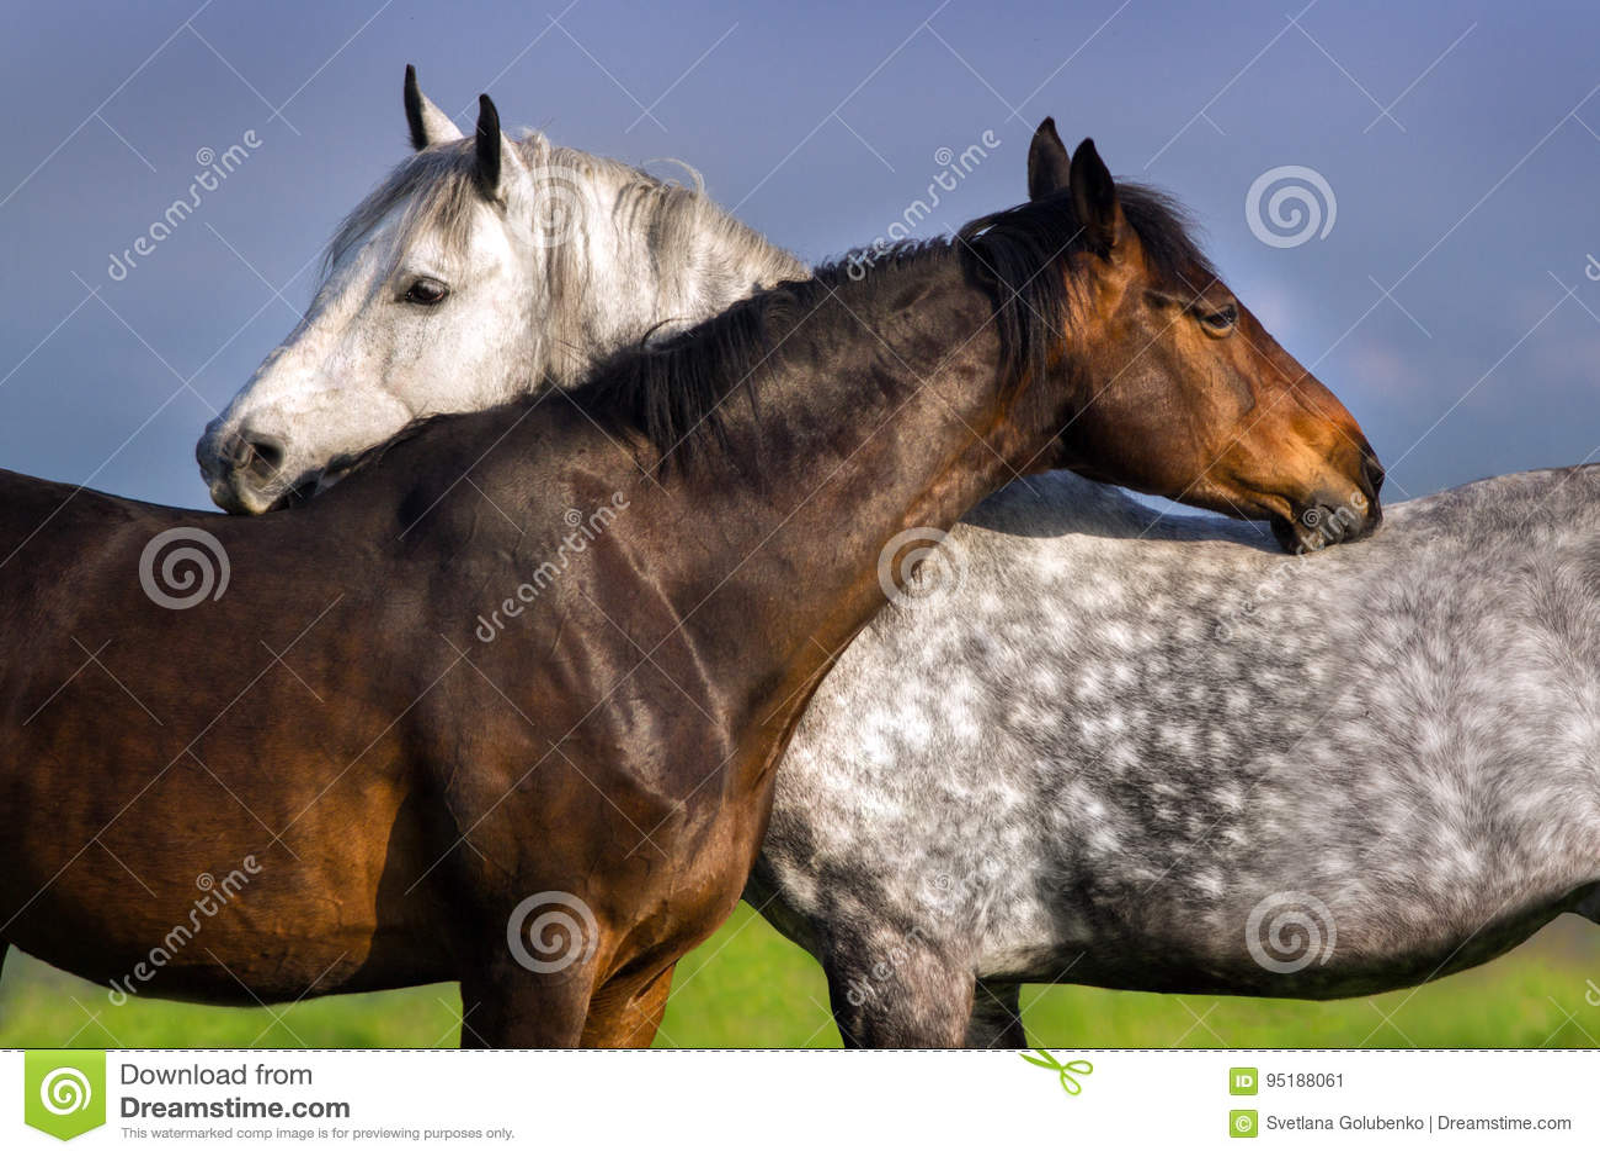 Couple of horse portrait